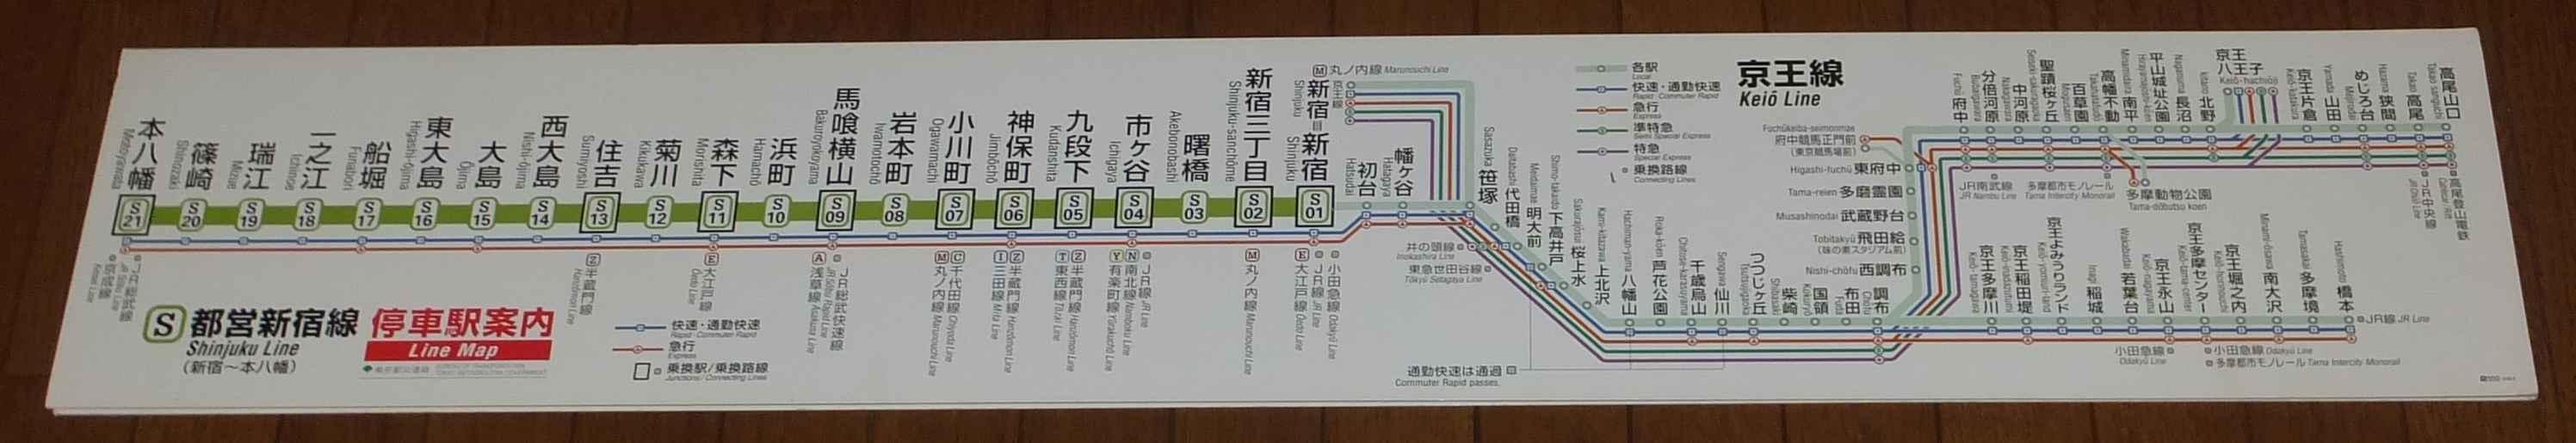 図 路線 新宿 都営 線